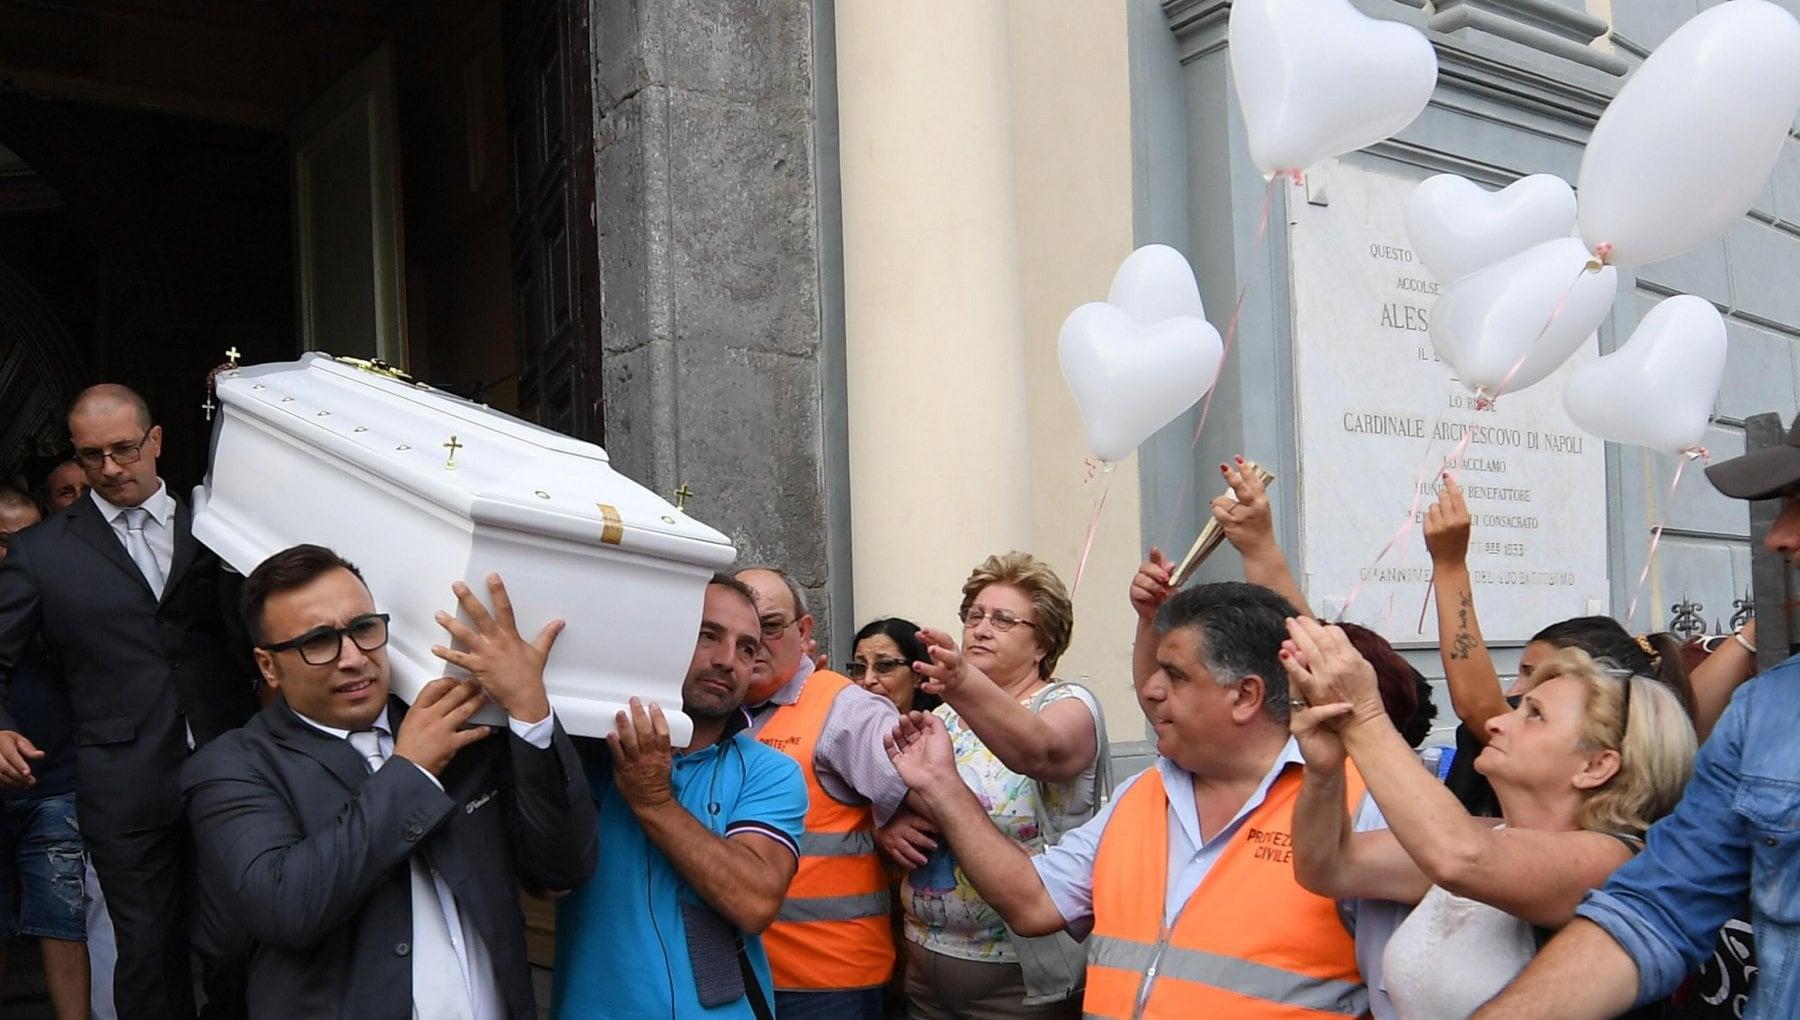 Napoli suicida dopo la diffusione di video la Procura ora indaga per omicidio